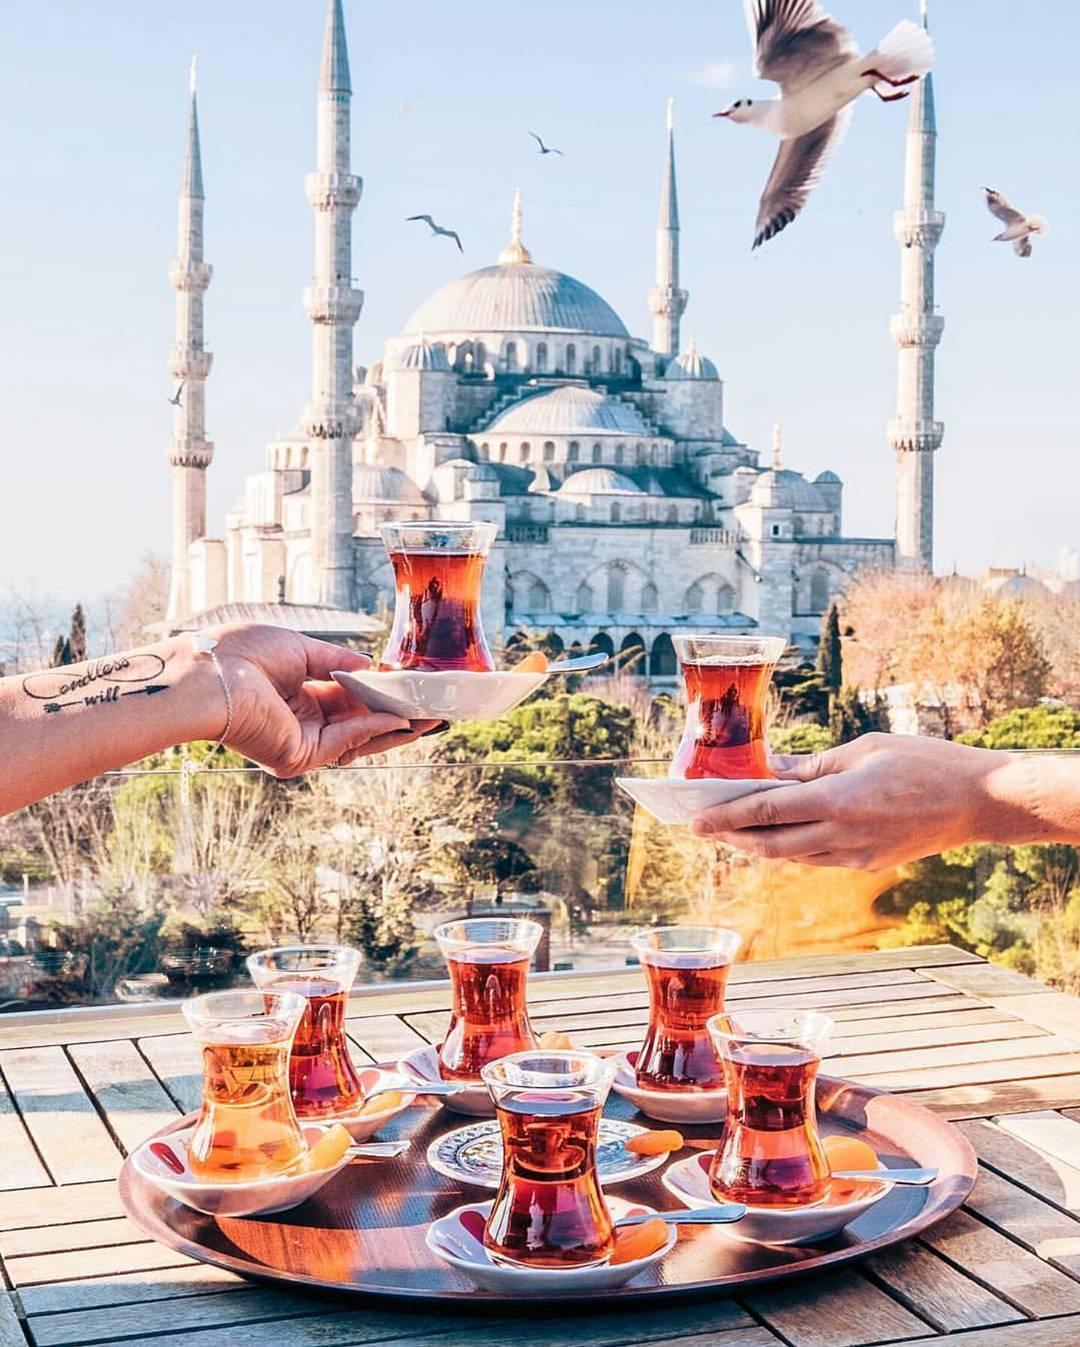 Oferton de Vuelos a Estambul por 115 euros ida y vuelta